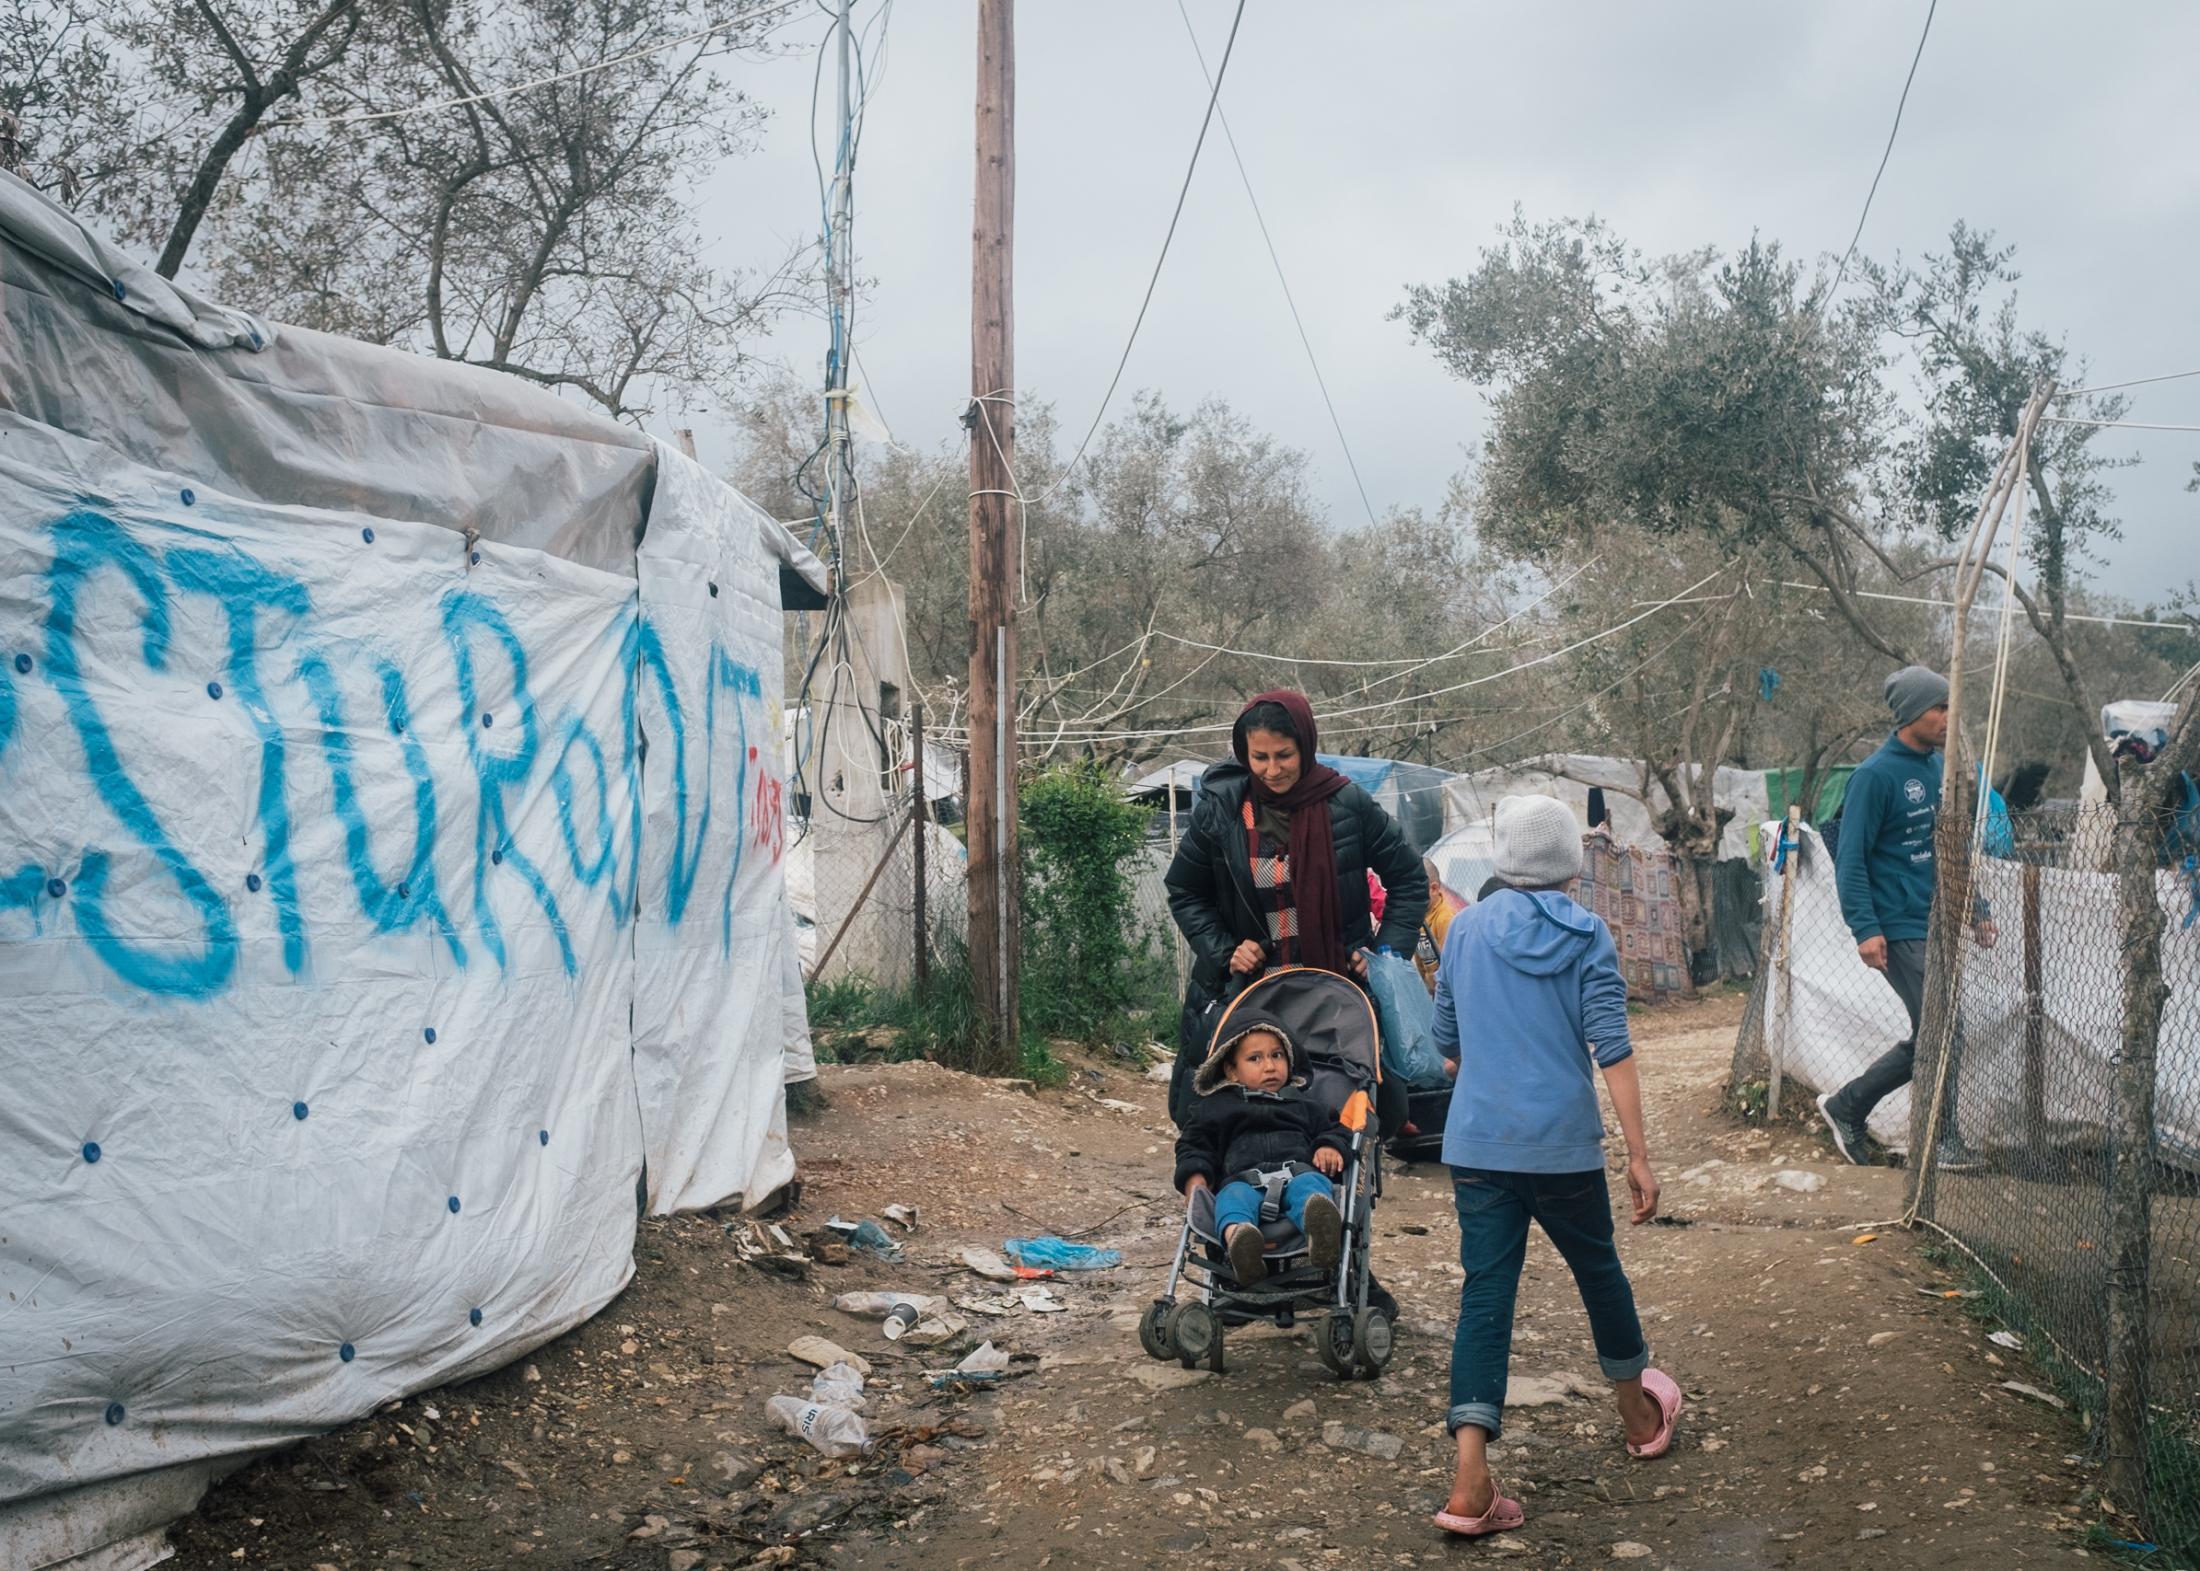 Das Flüchtlingslager Moria auf der Insel Lesbos ist mit knapp 21.000 Geflüchteten das größte Camp Europas. //